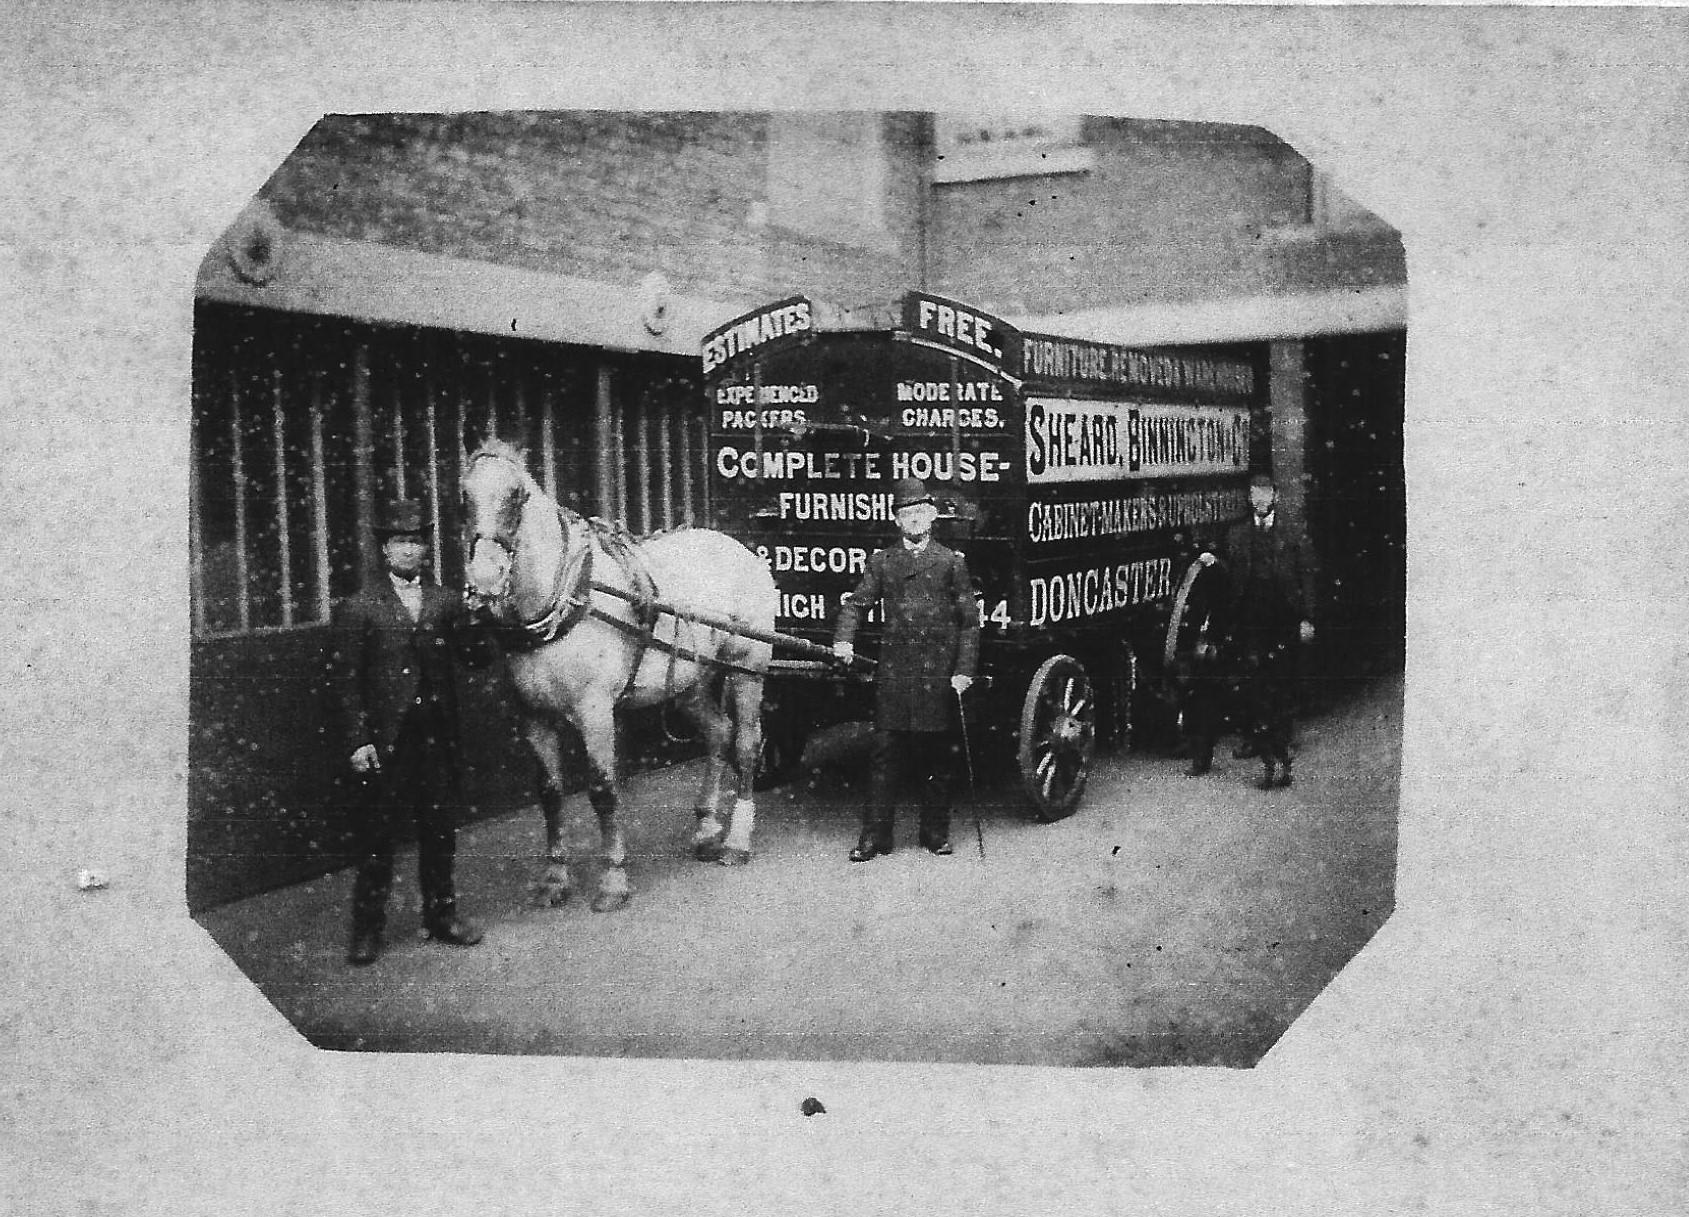 Sheard, Binnington & Co